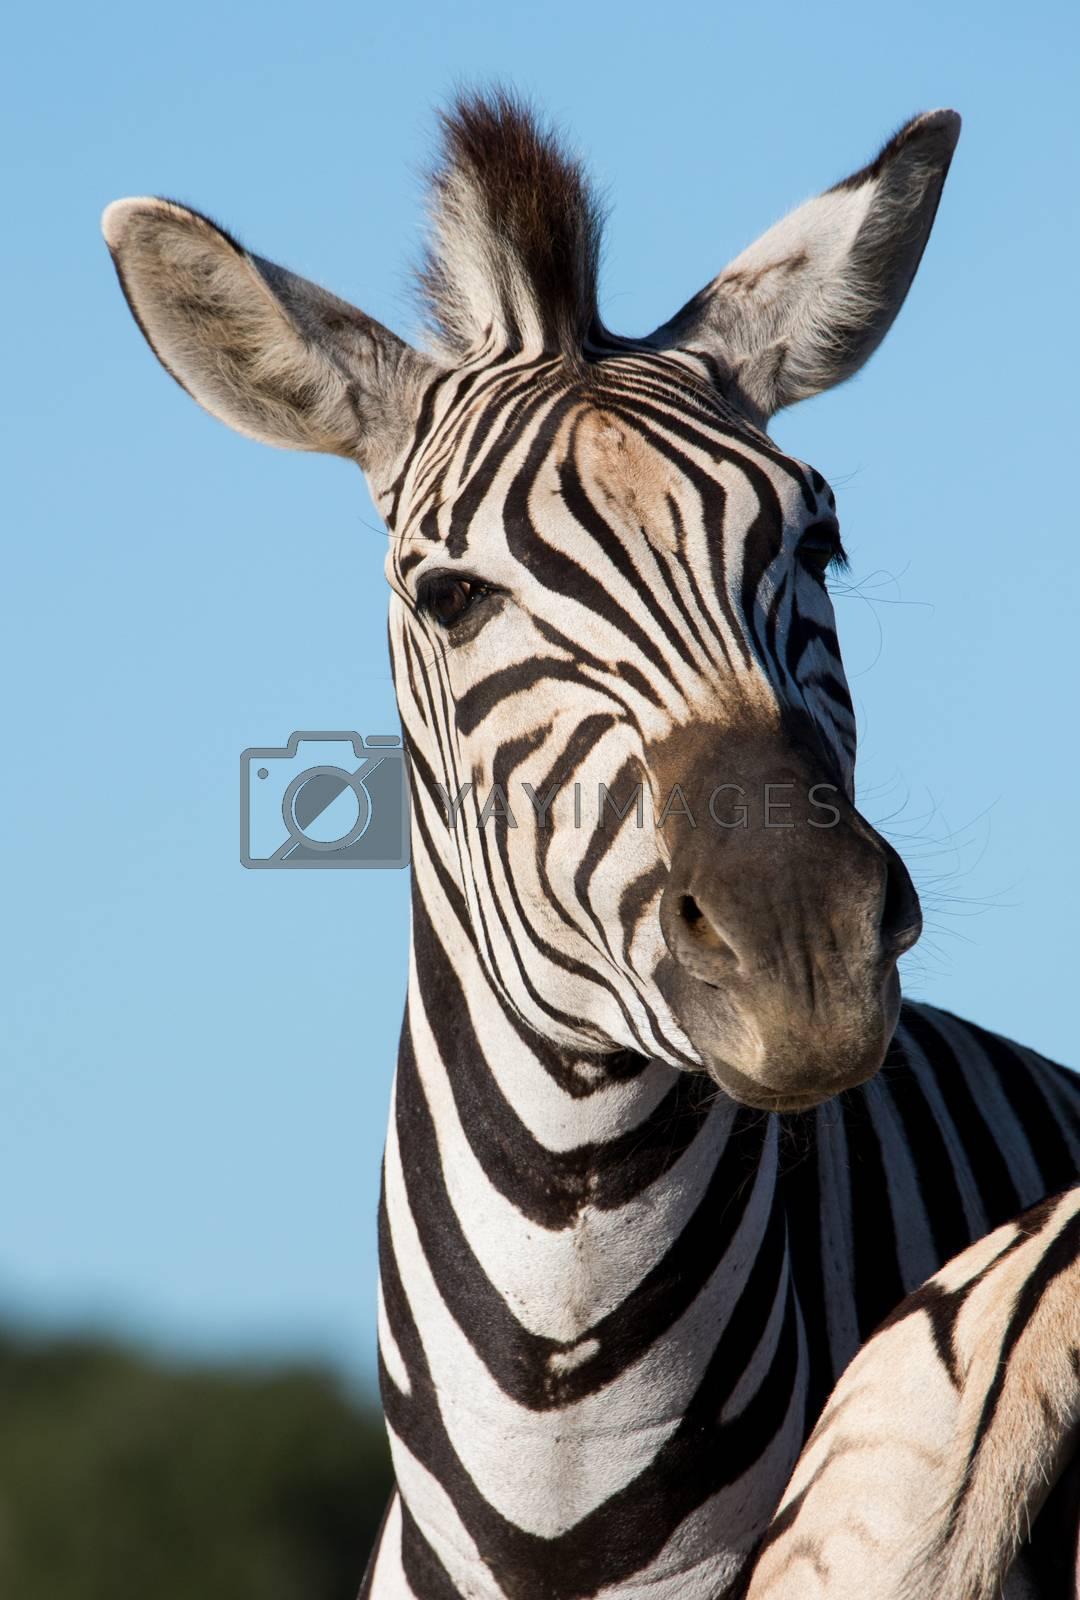 Royalty free image of Zebra Portrait by fouroaks